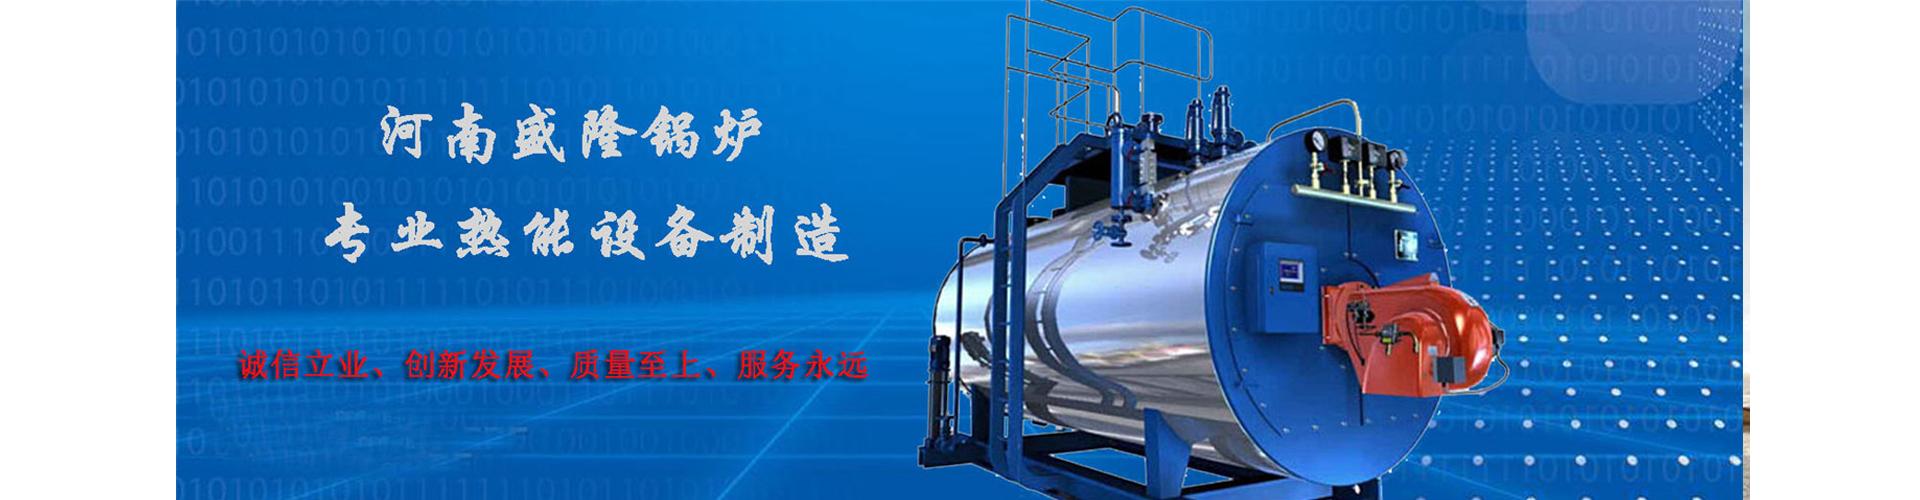 南阳盛隆锅炉厂